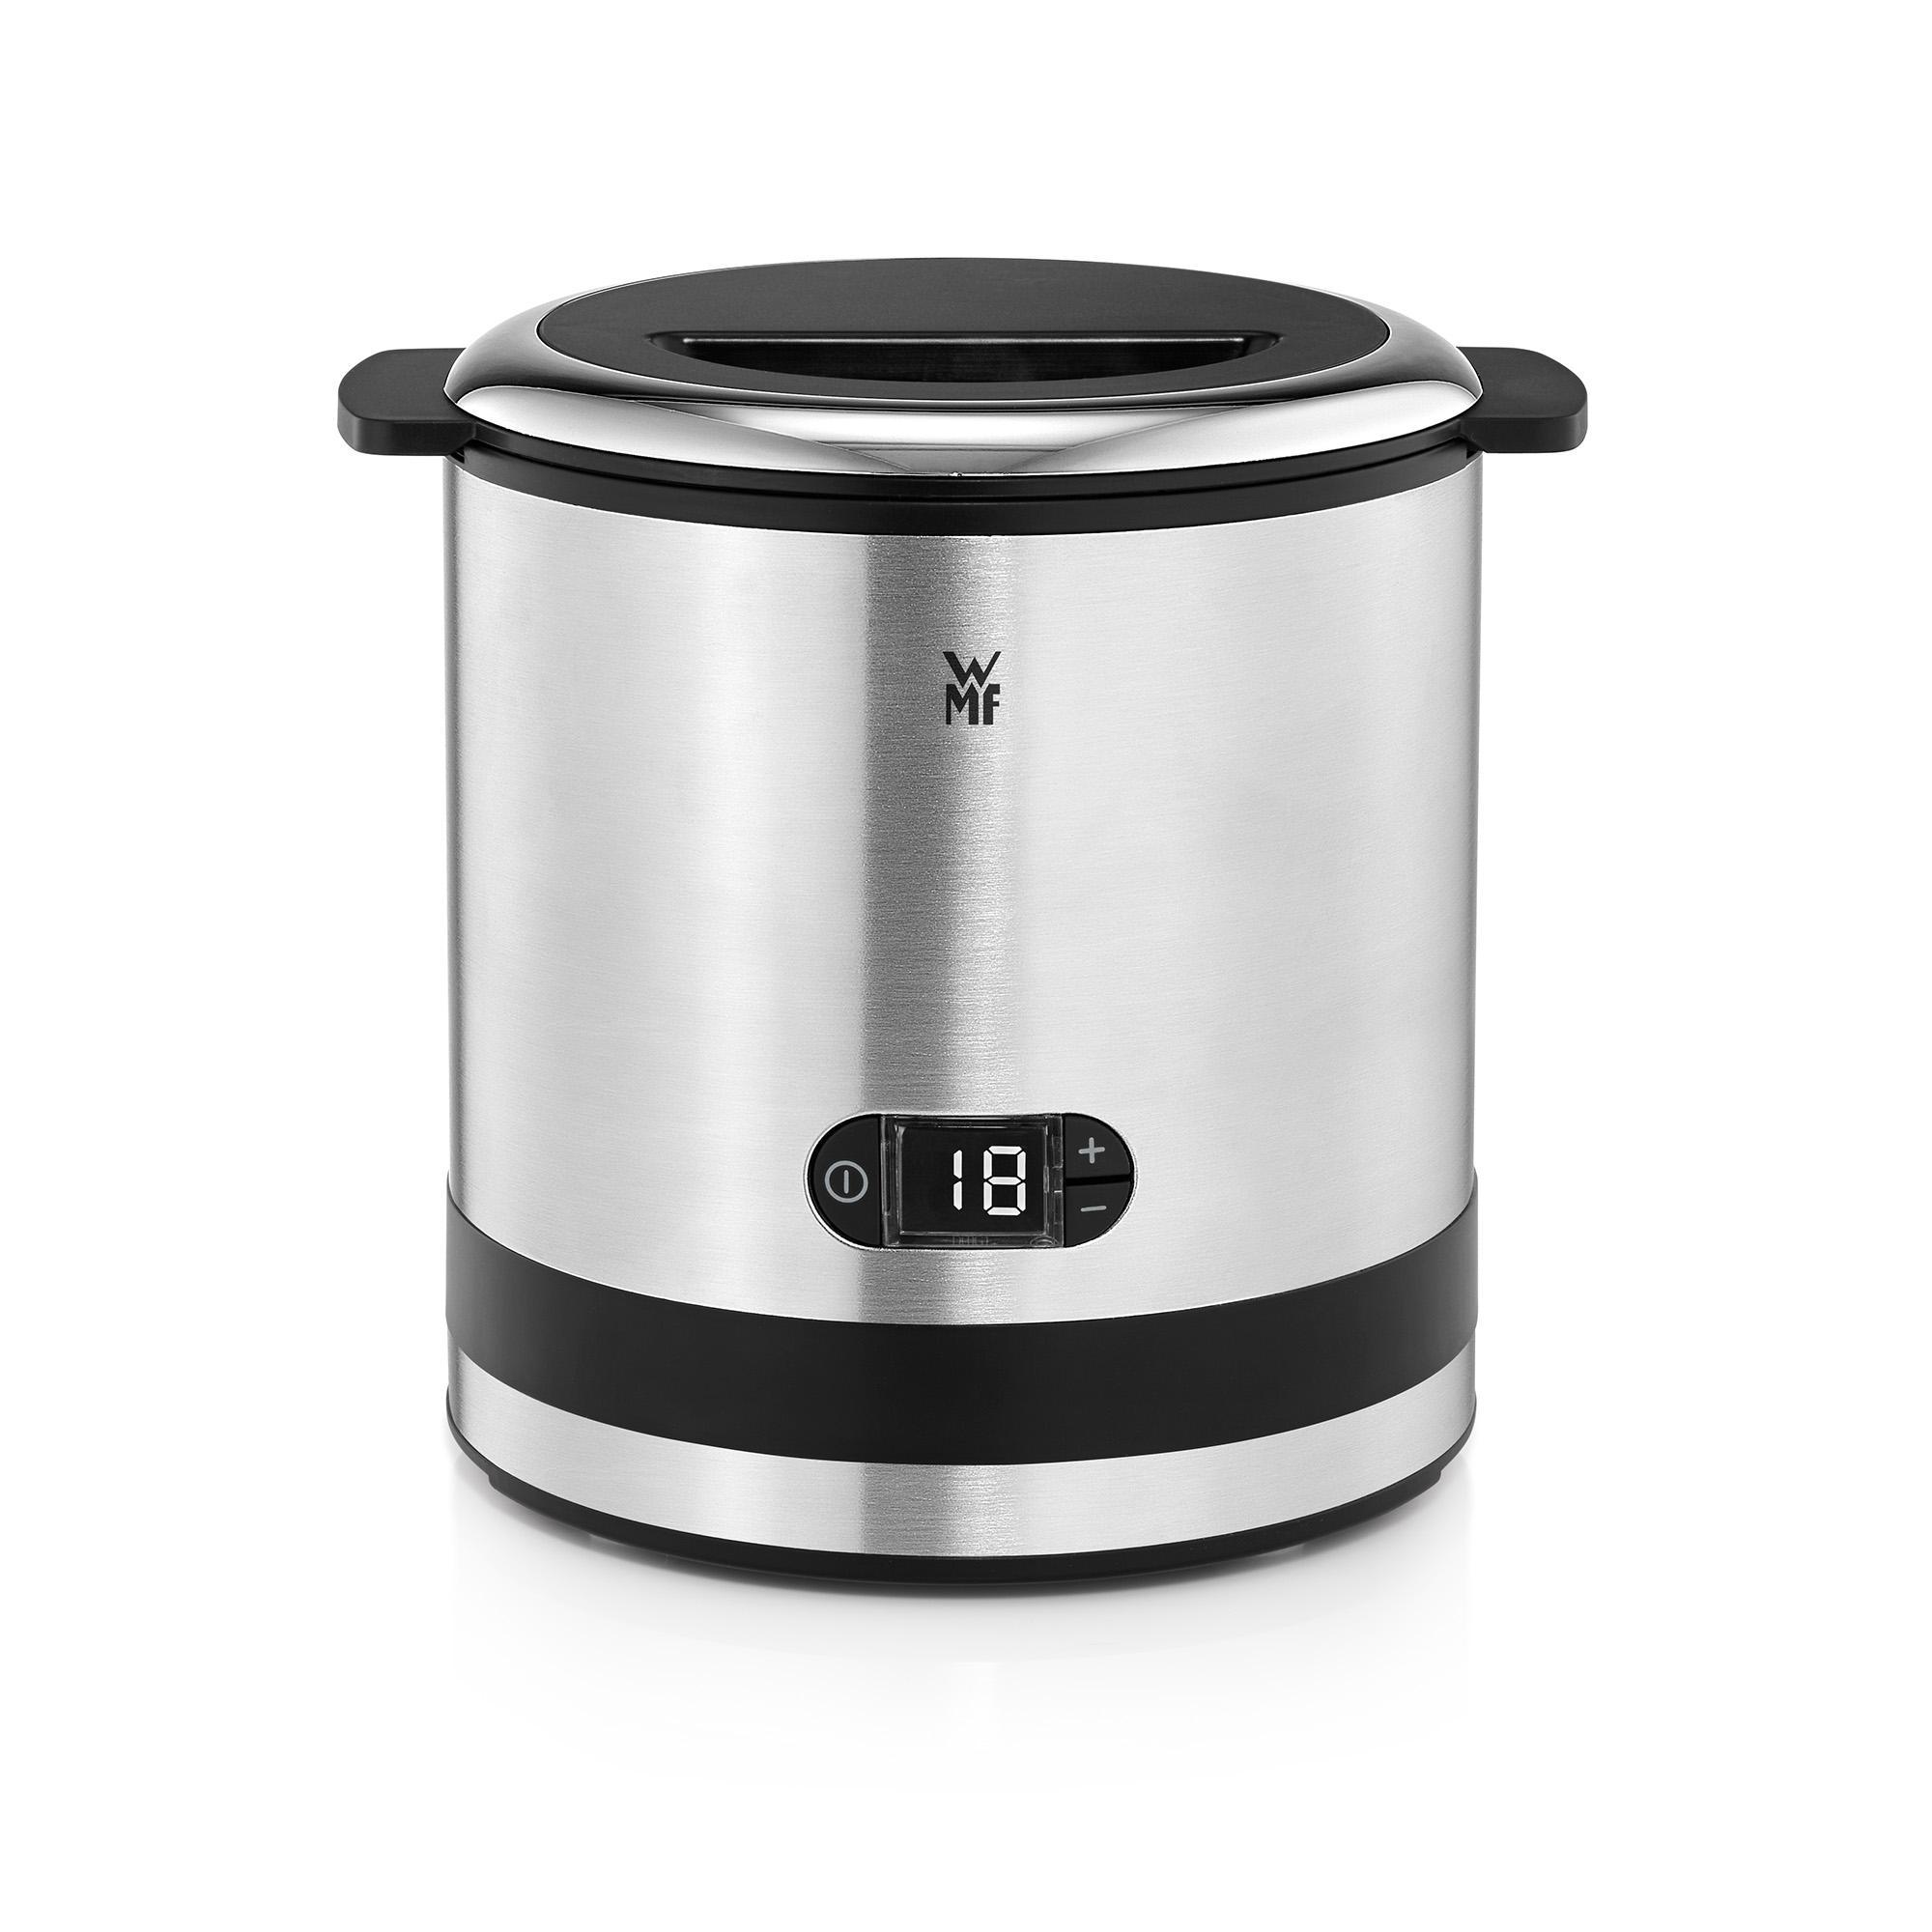 Amazon de WMF Küchenminis Eismaschine 3 in 1 für Frozen Yoghurt, Sorbet und Eiscreme, 300 ml